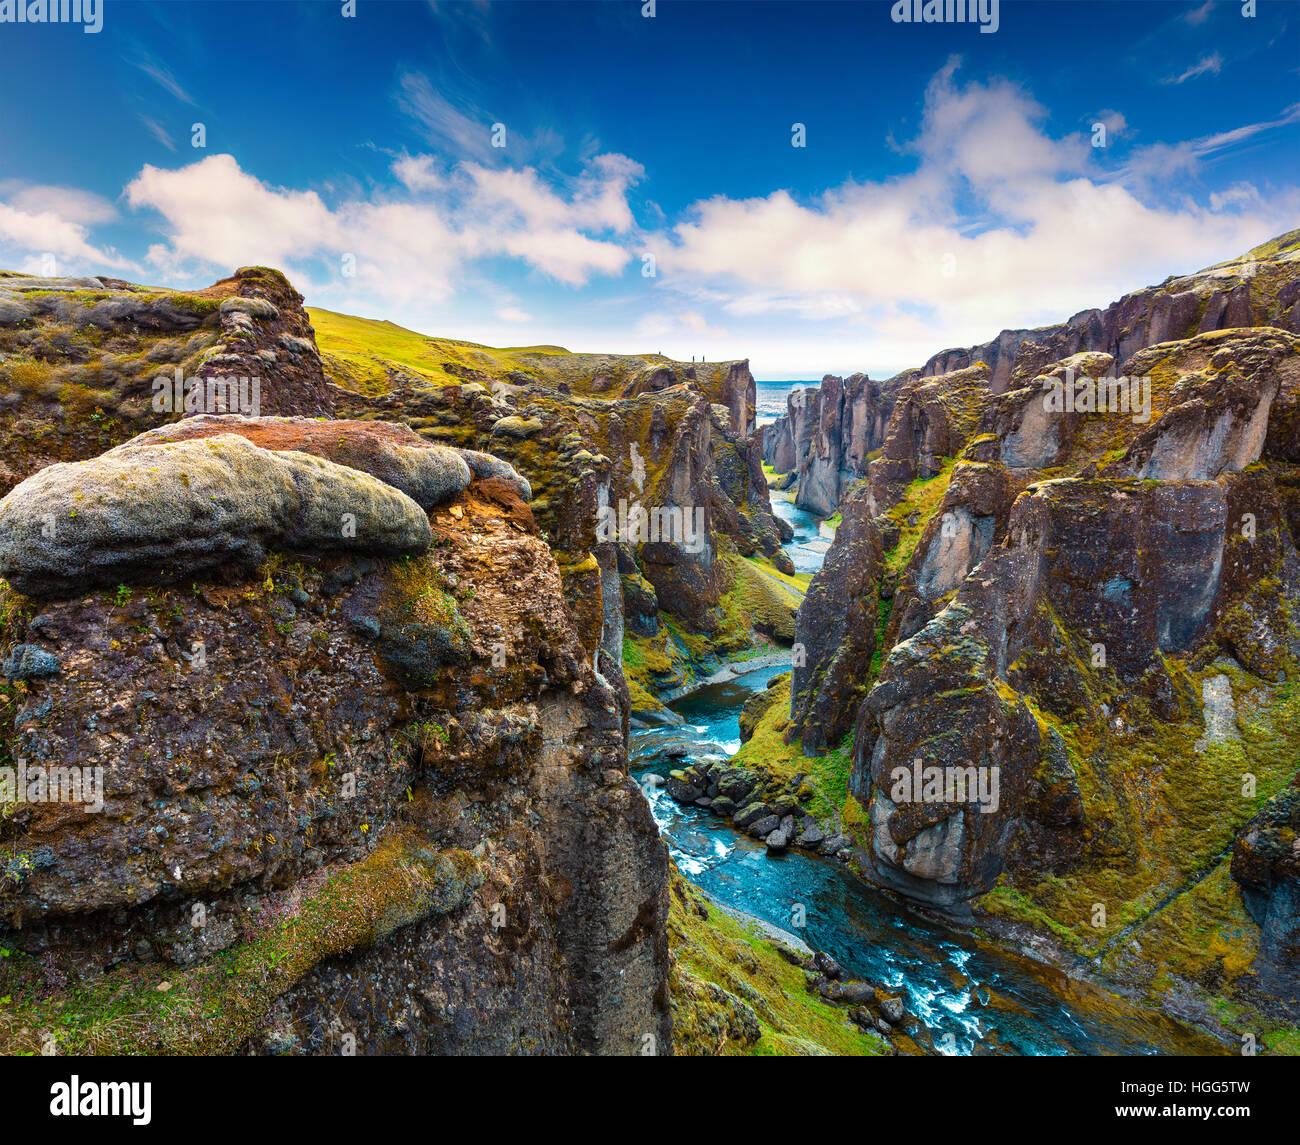 Majestuosa vista del cañón Fjadrargljufur y río. Al sureste de Islandia, Europa. Estilo artístico Imagen De Stock